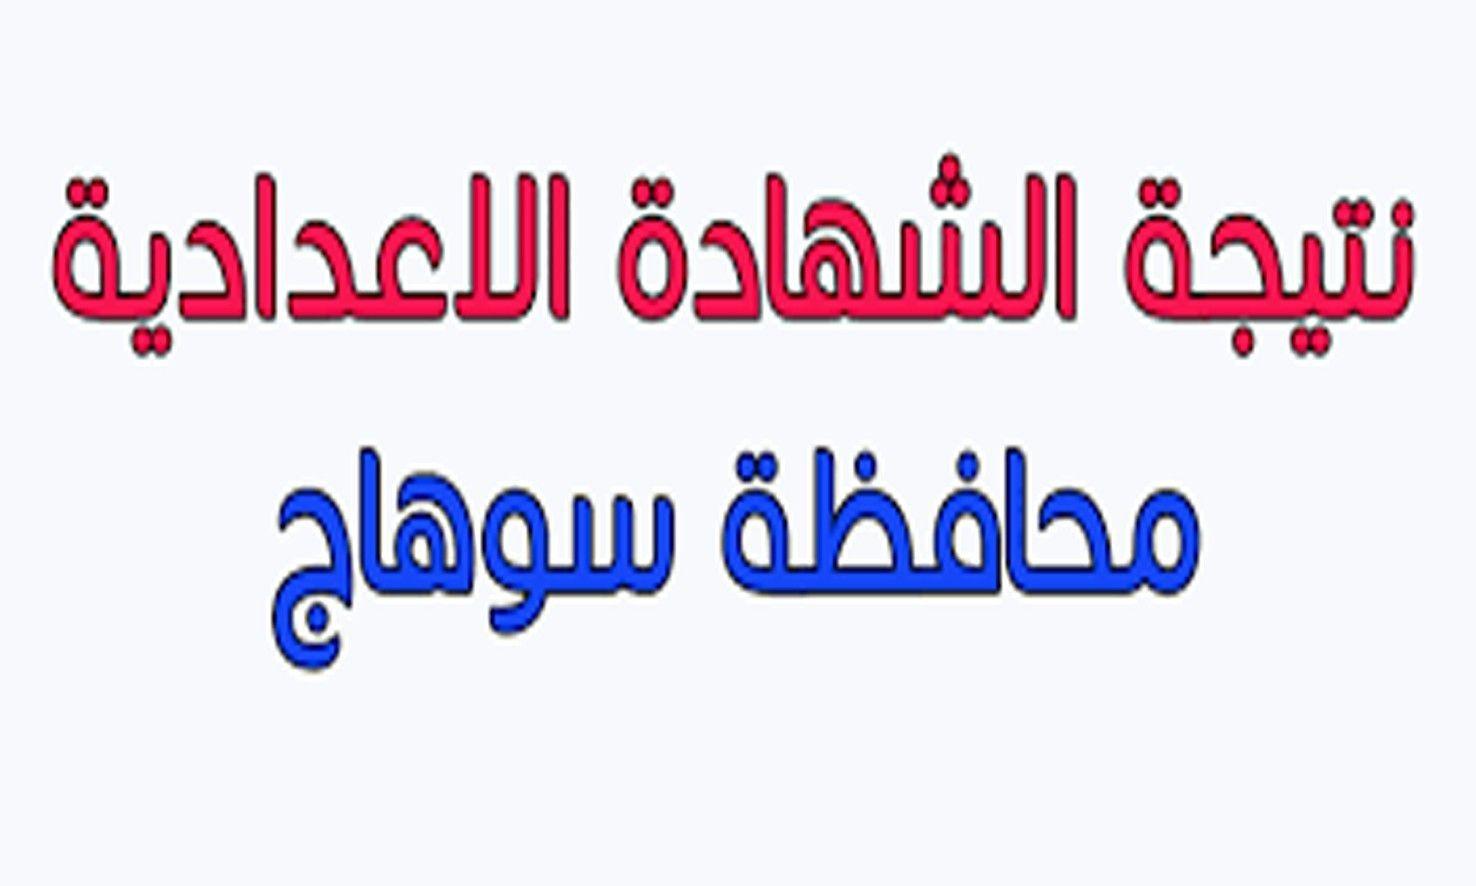 نتيجة الصف الثالث الاعدادي برقم الجلوس 2021 محافظة سوهاج في المراكز مركز جهينة، طما، طهطا